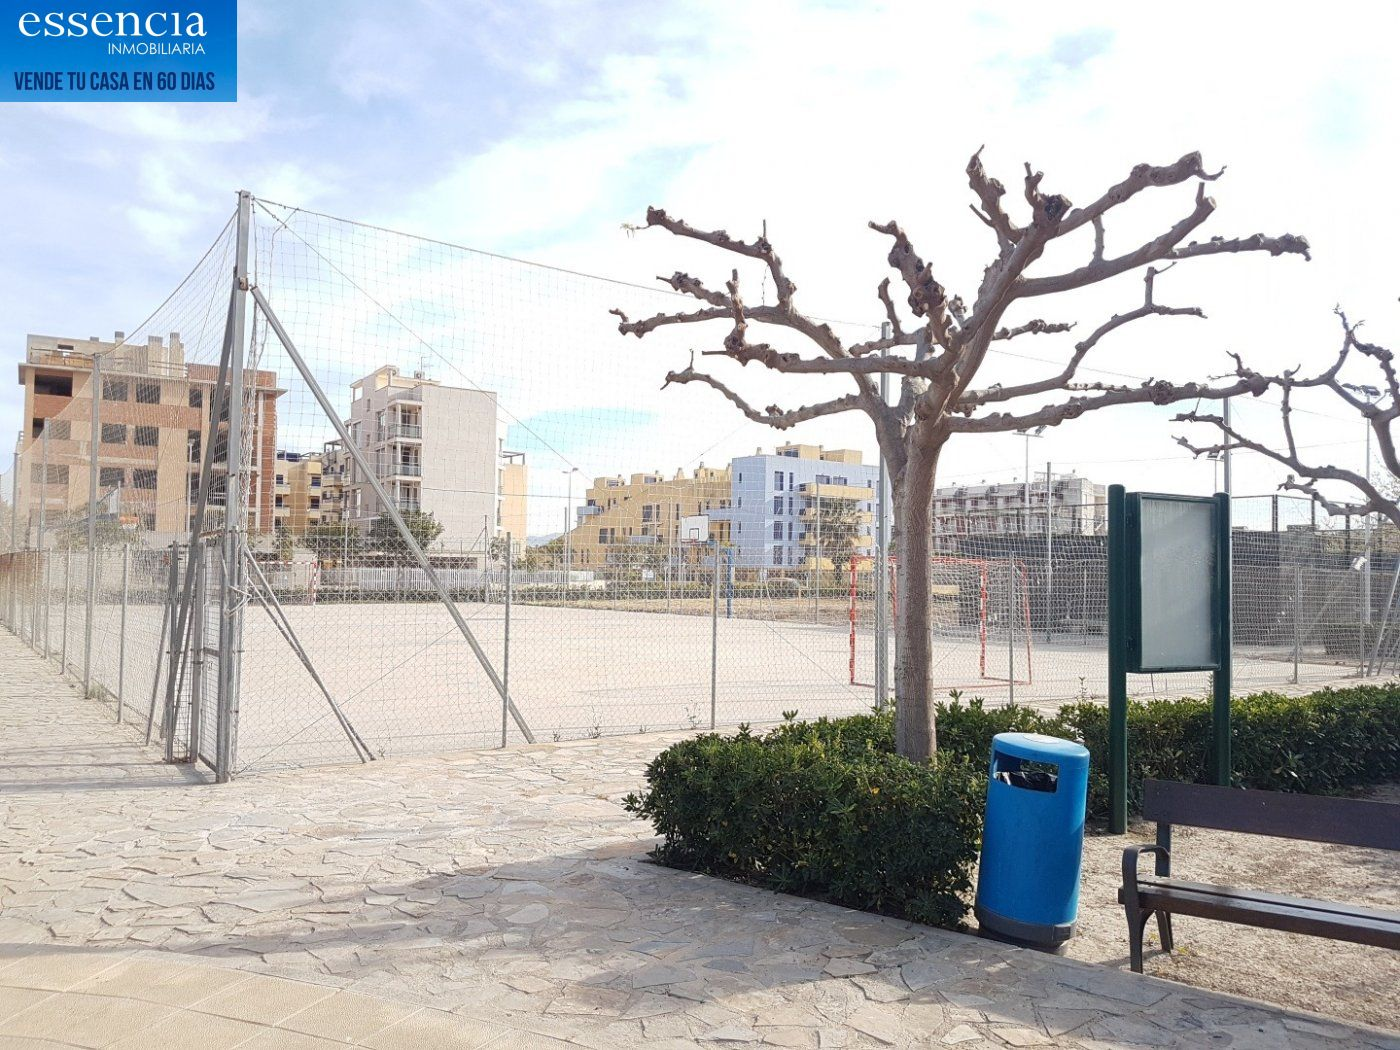 Apartamento con vistas al mar en playa de bellreguard.  garaje y piscina. - imagenInmueble26